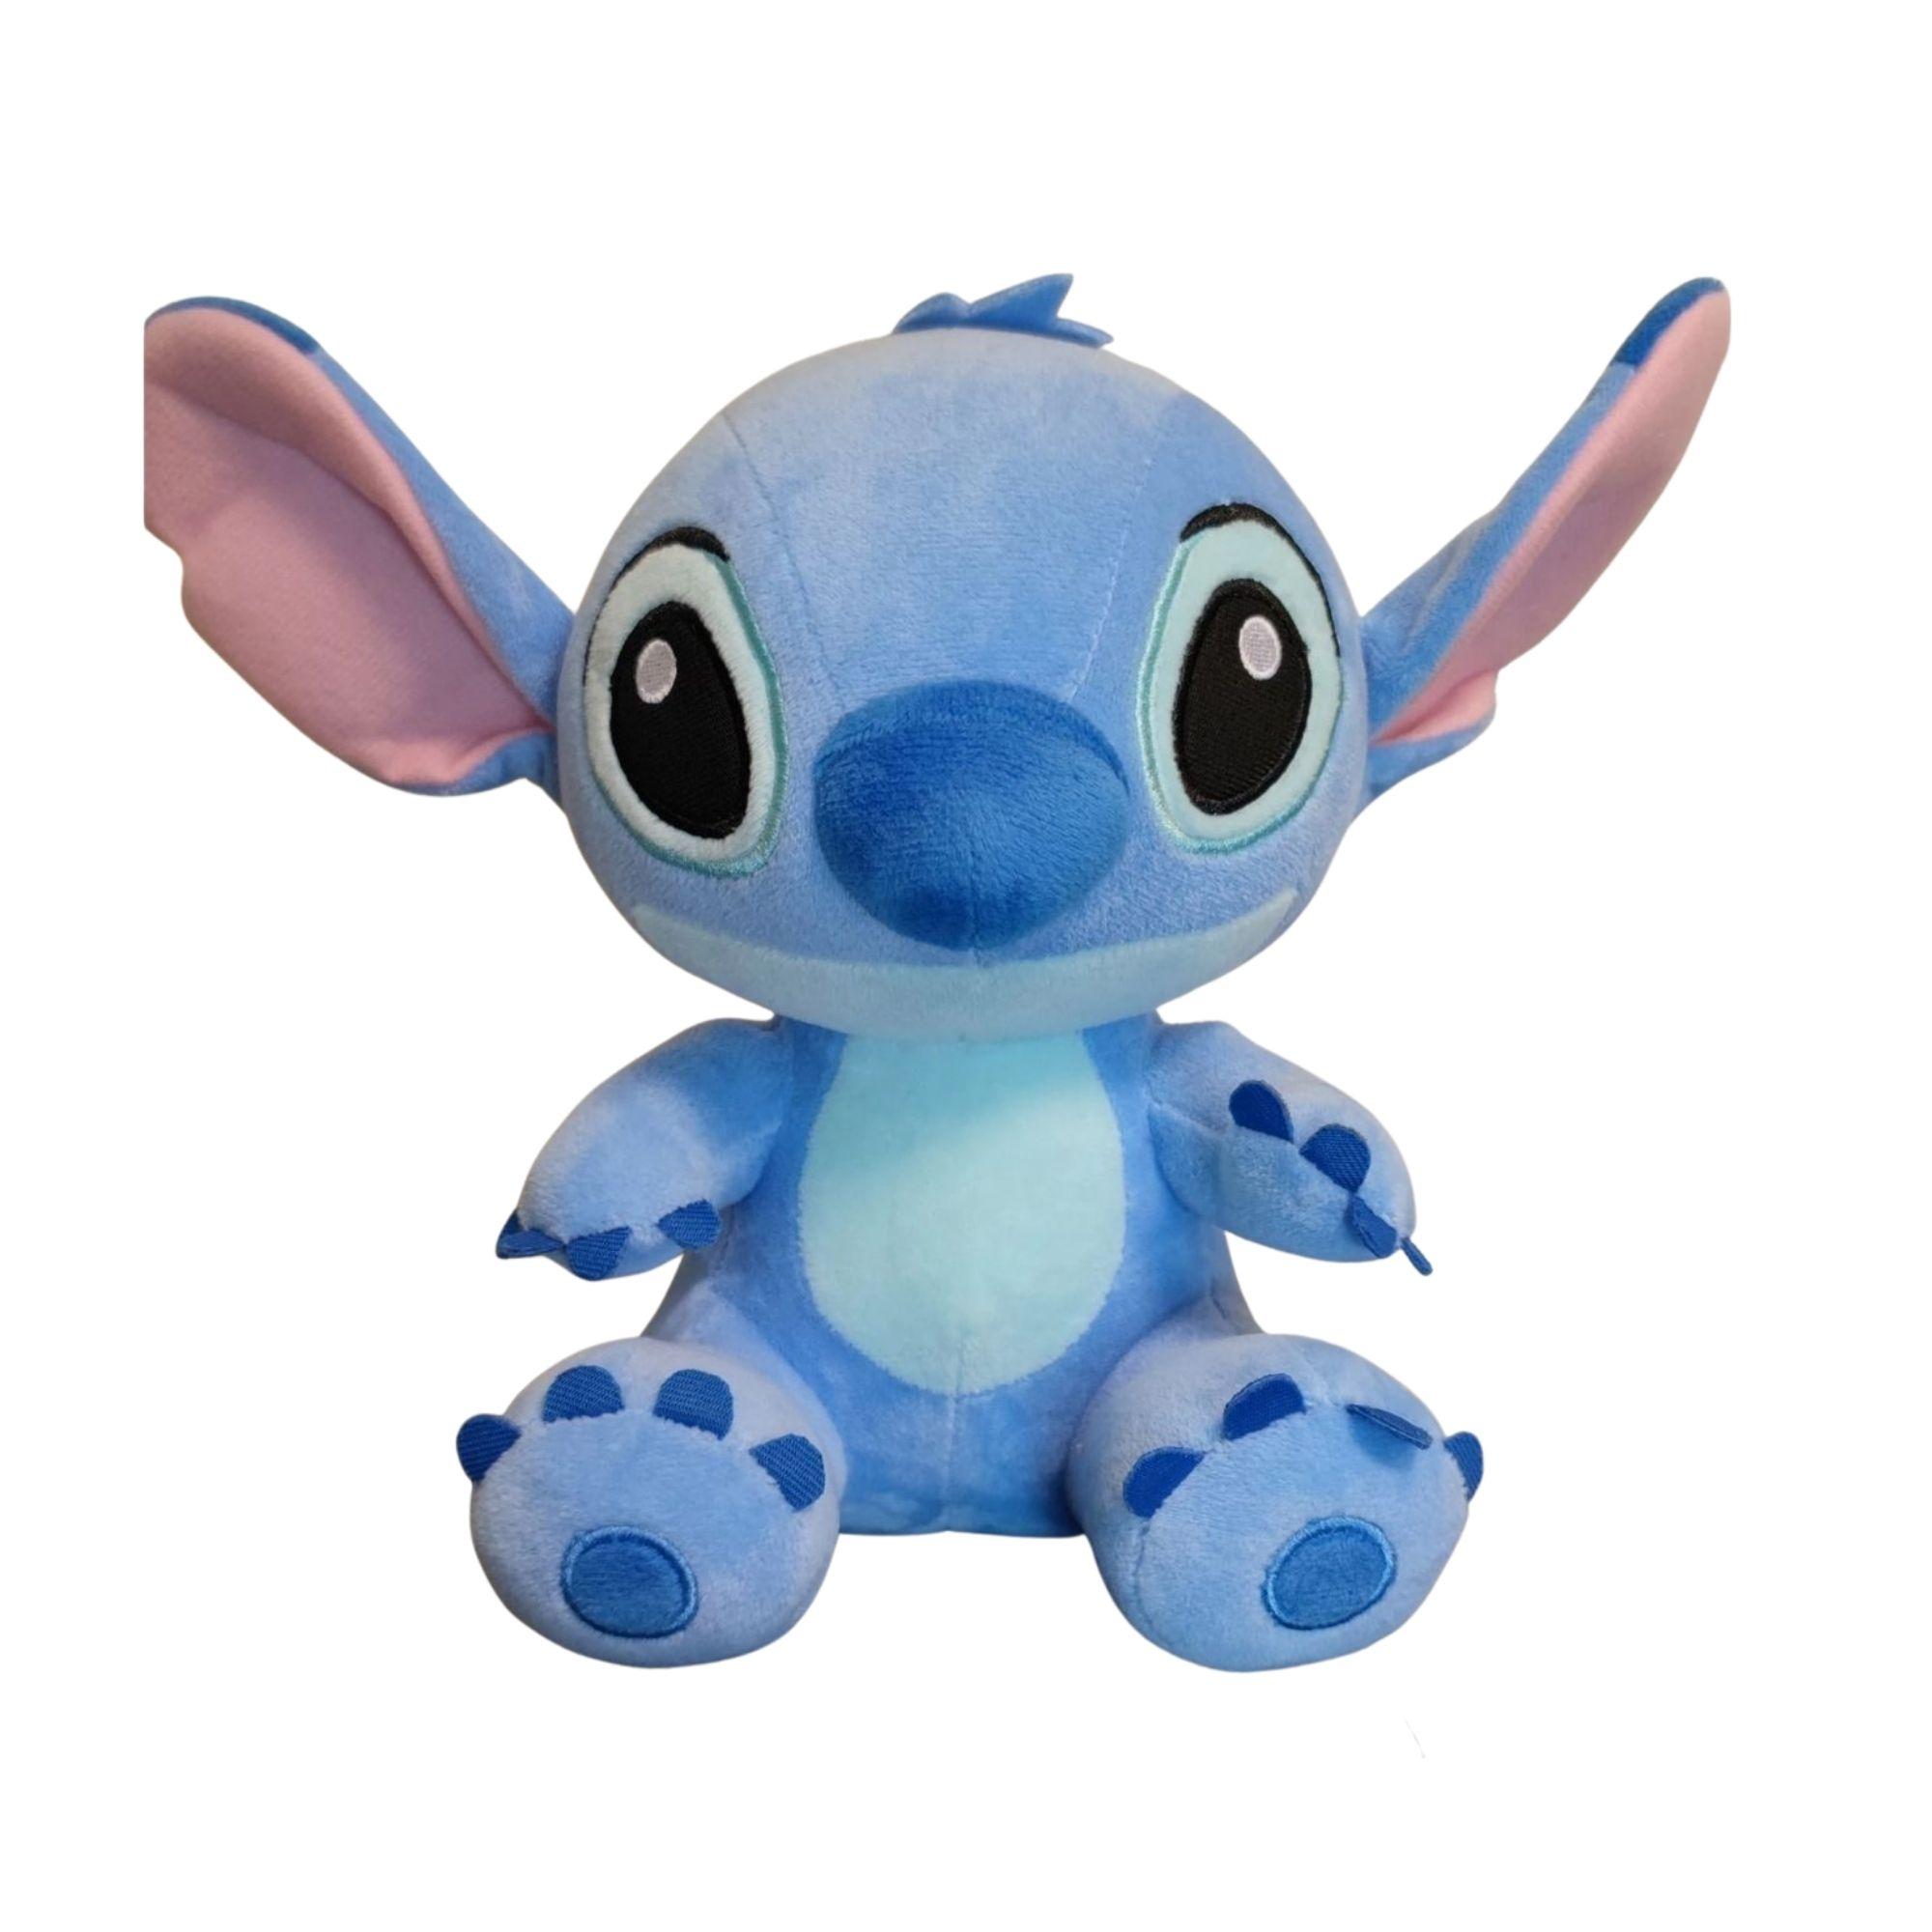 Stitch de Pelúcia Grande do Filme Lilo & Stitch 30 cm  - Game Land Brinquedos